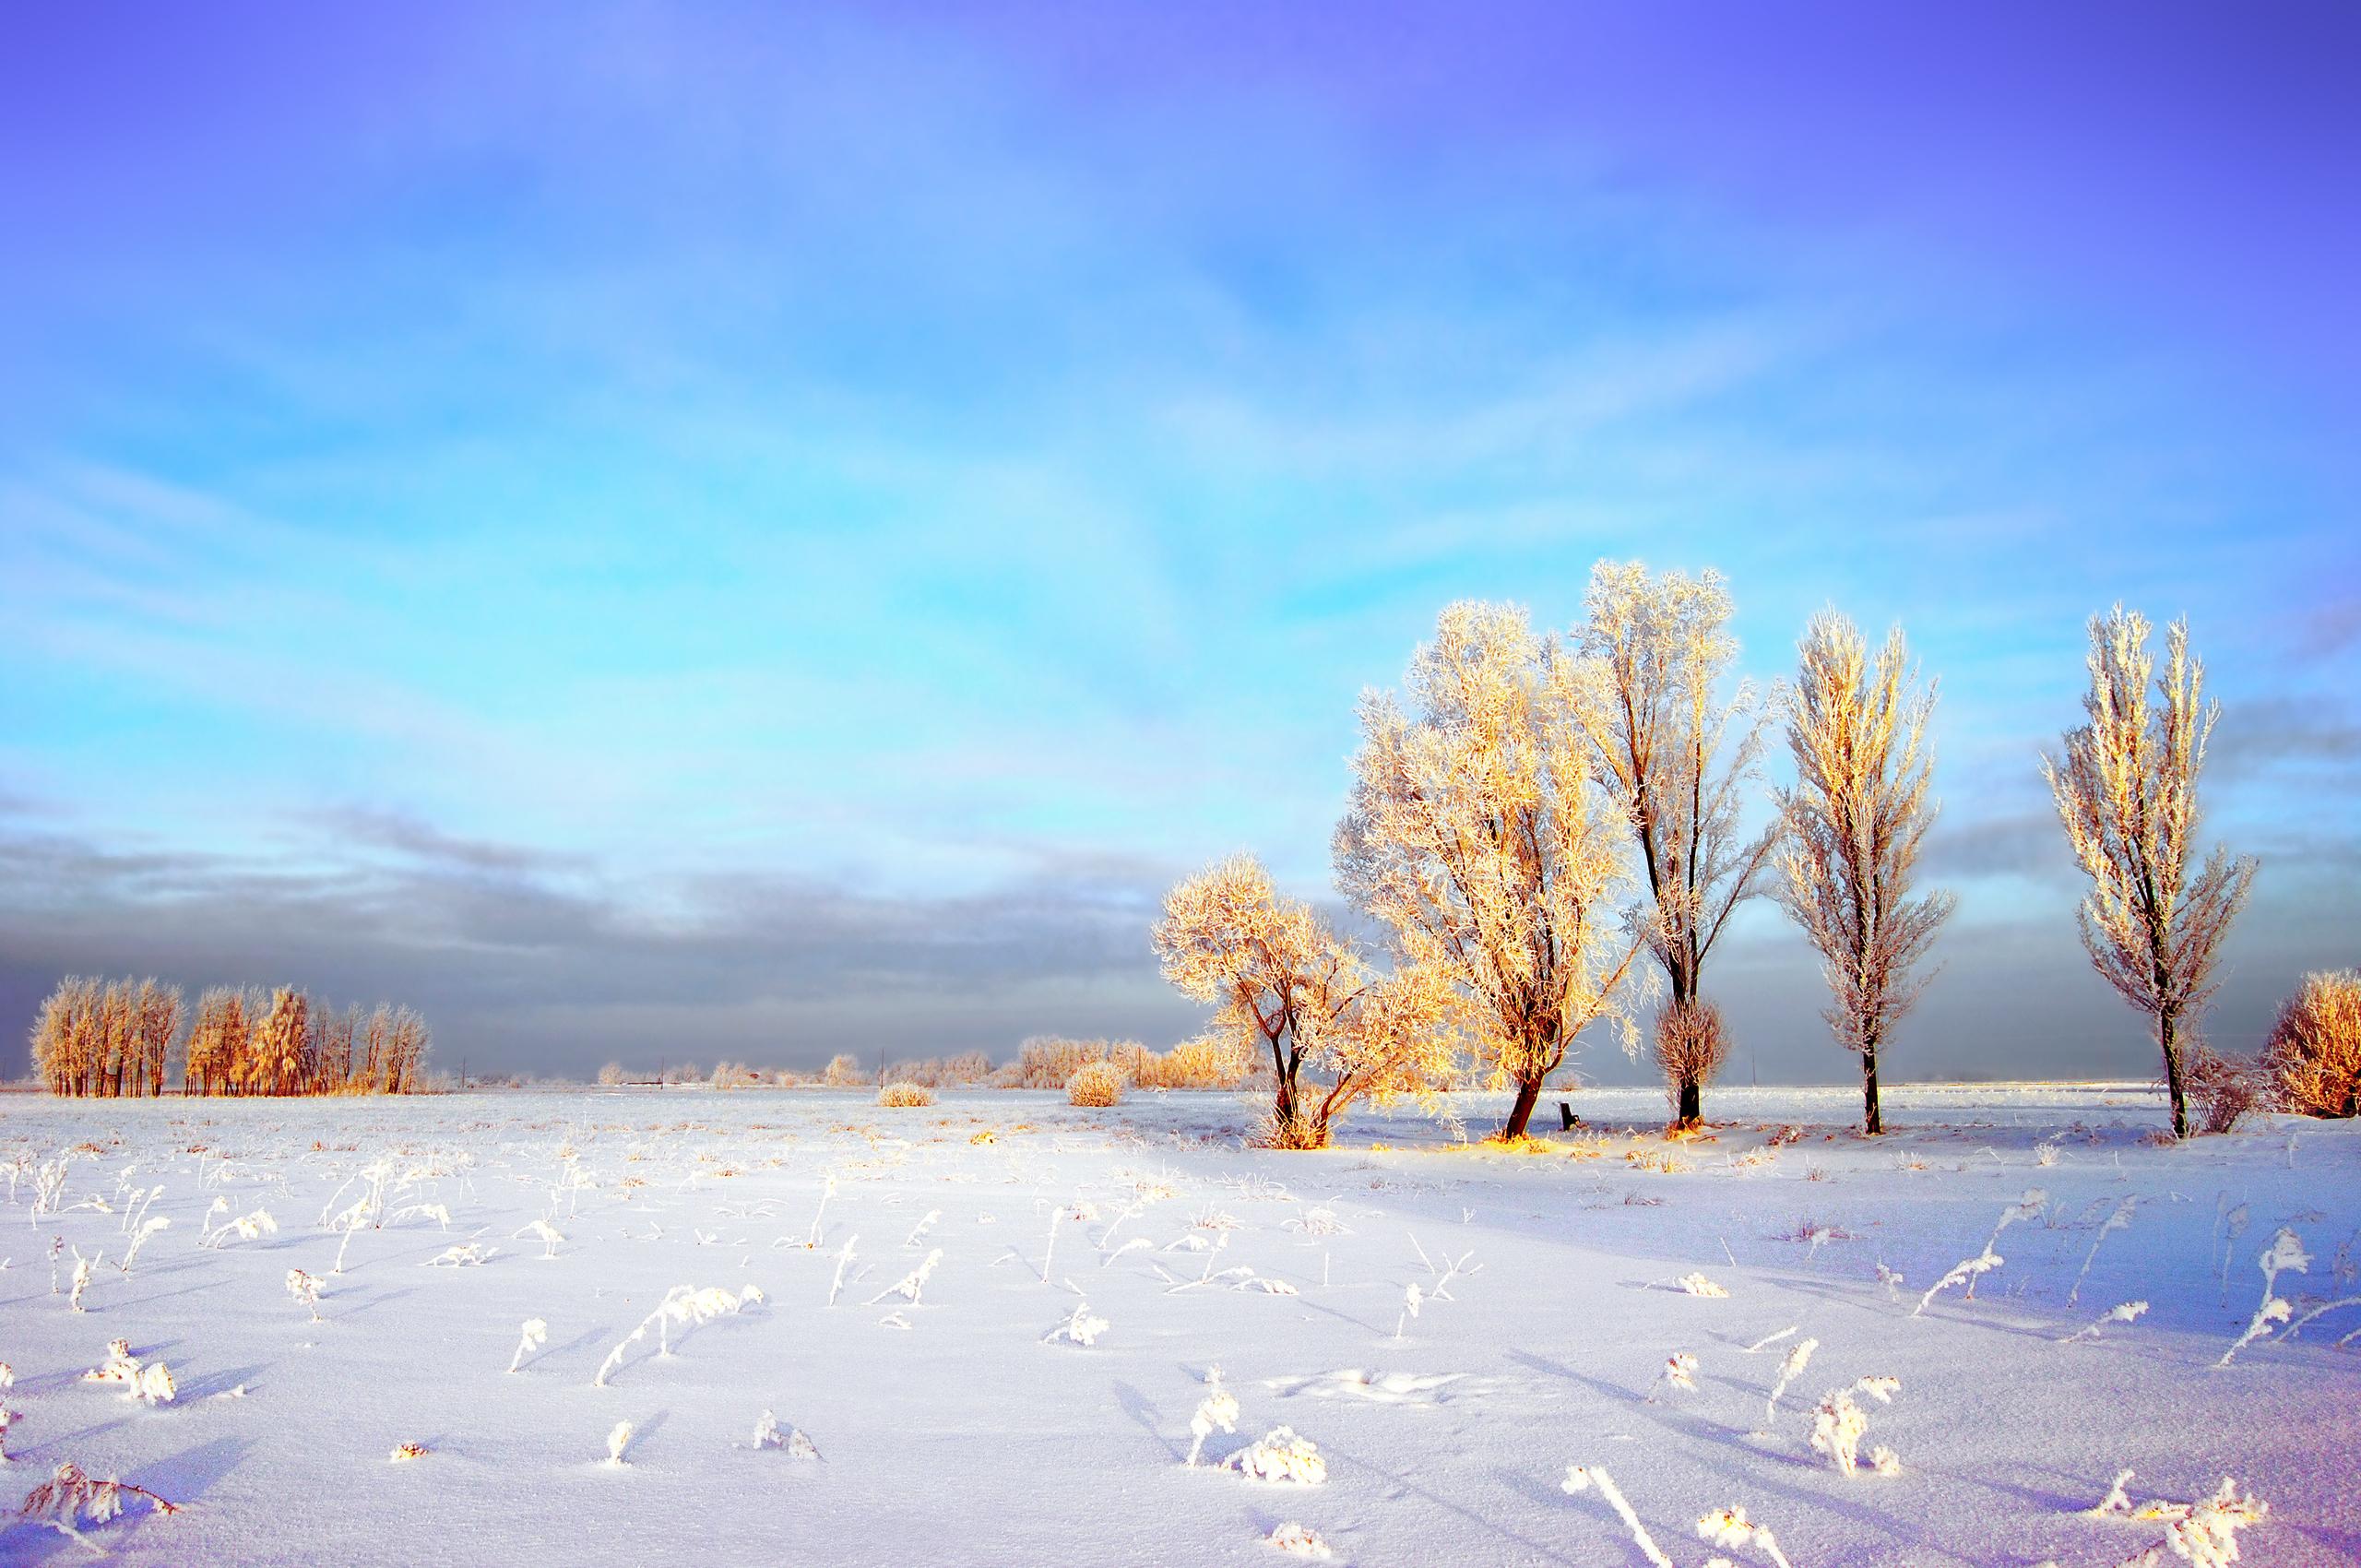 безоблачное небо зимой  № 2469633 загрузить